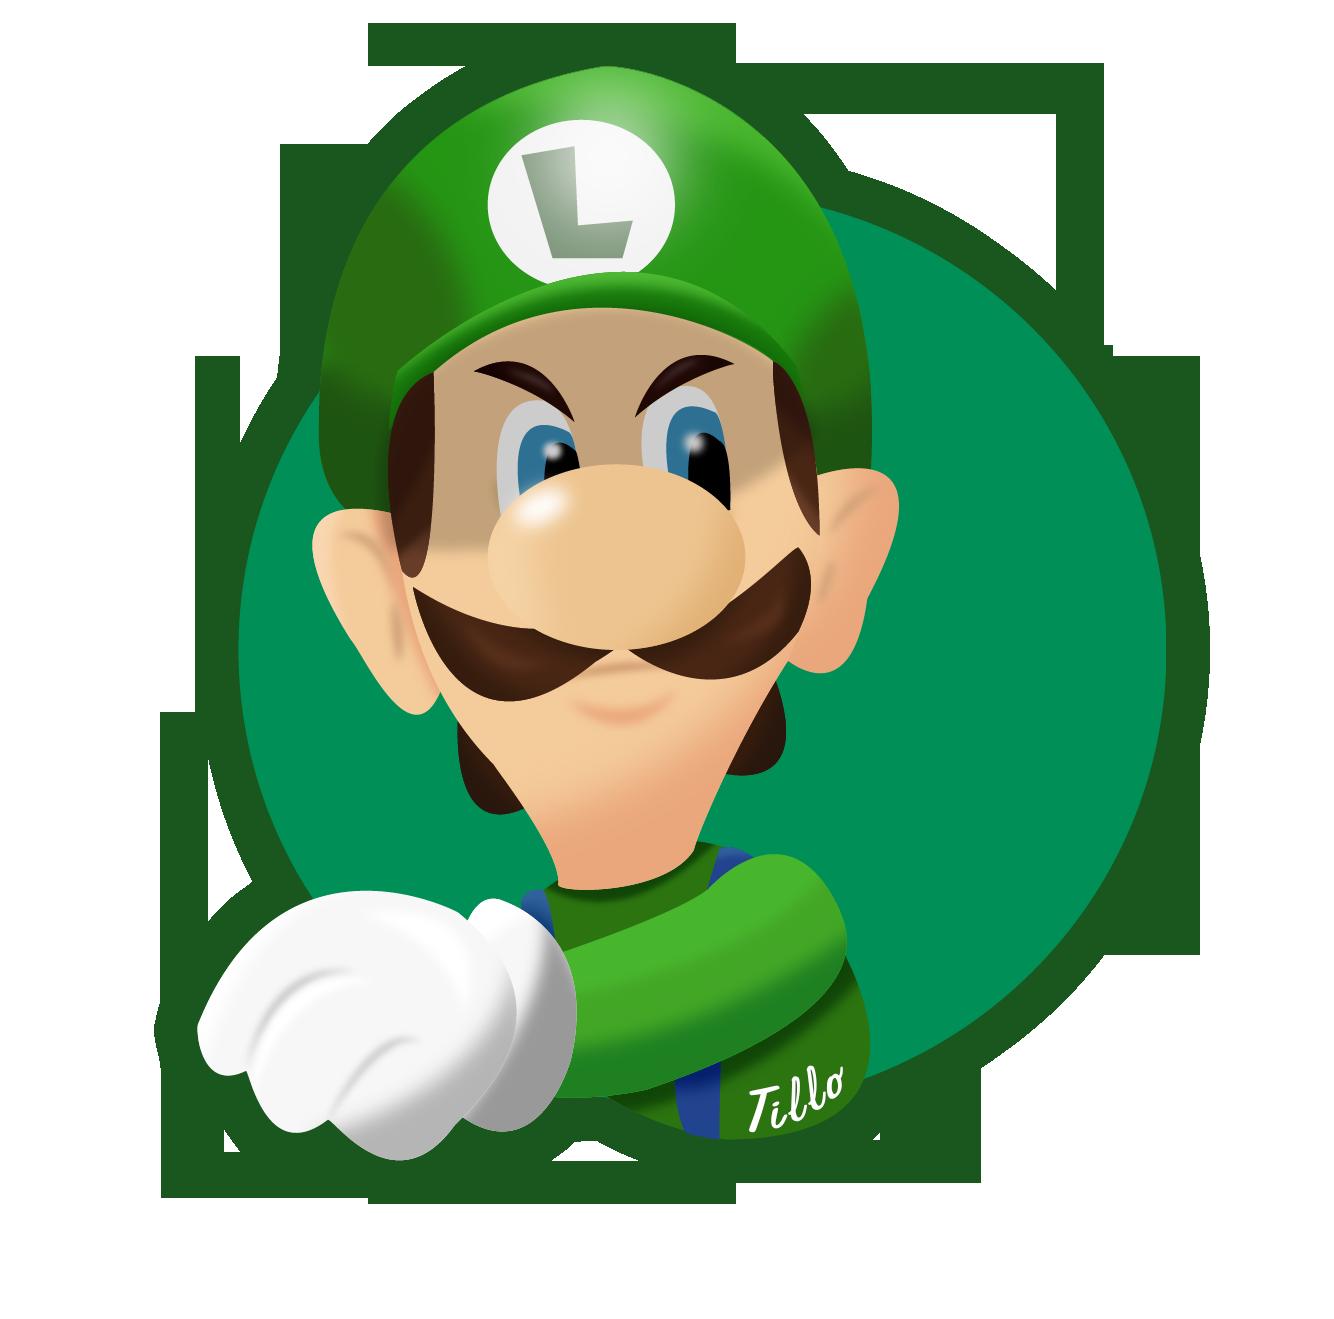 Luigi S Death Stare By Tillo27 On Deviantart